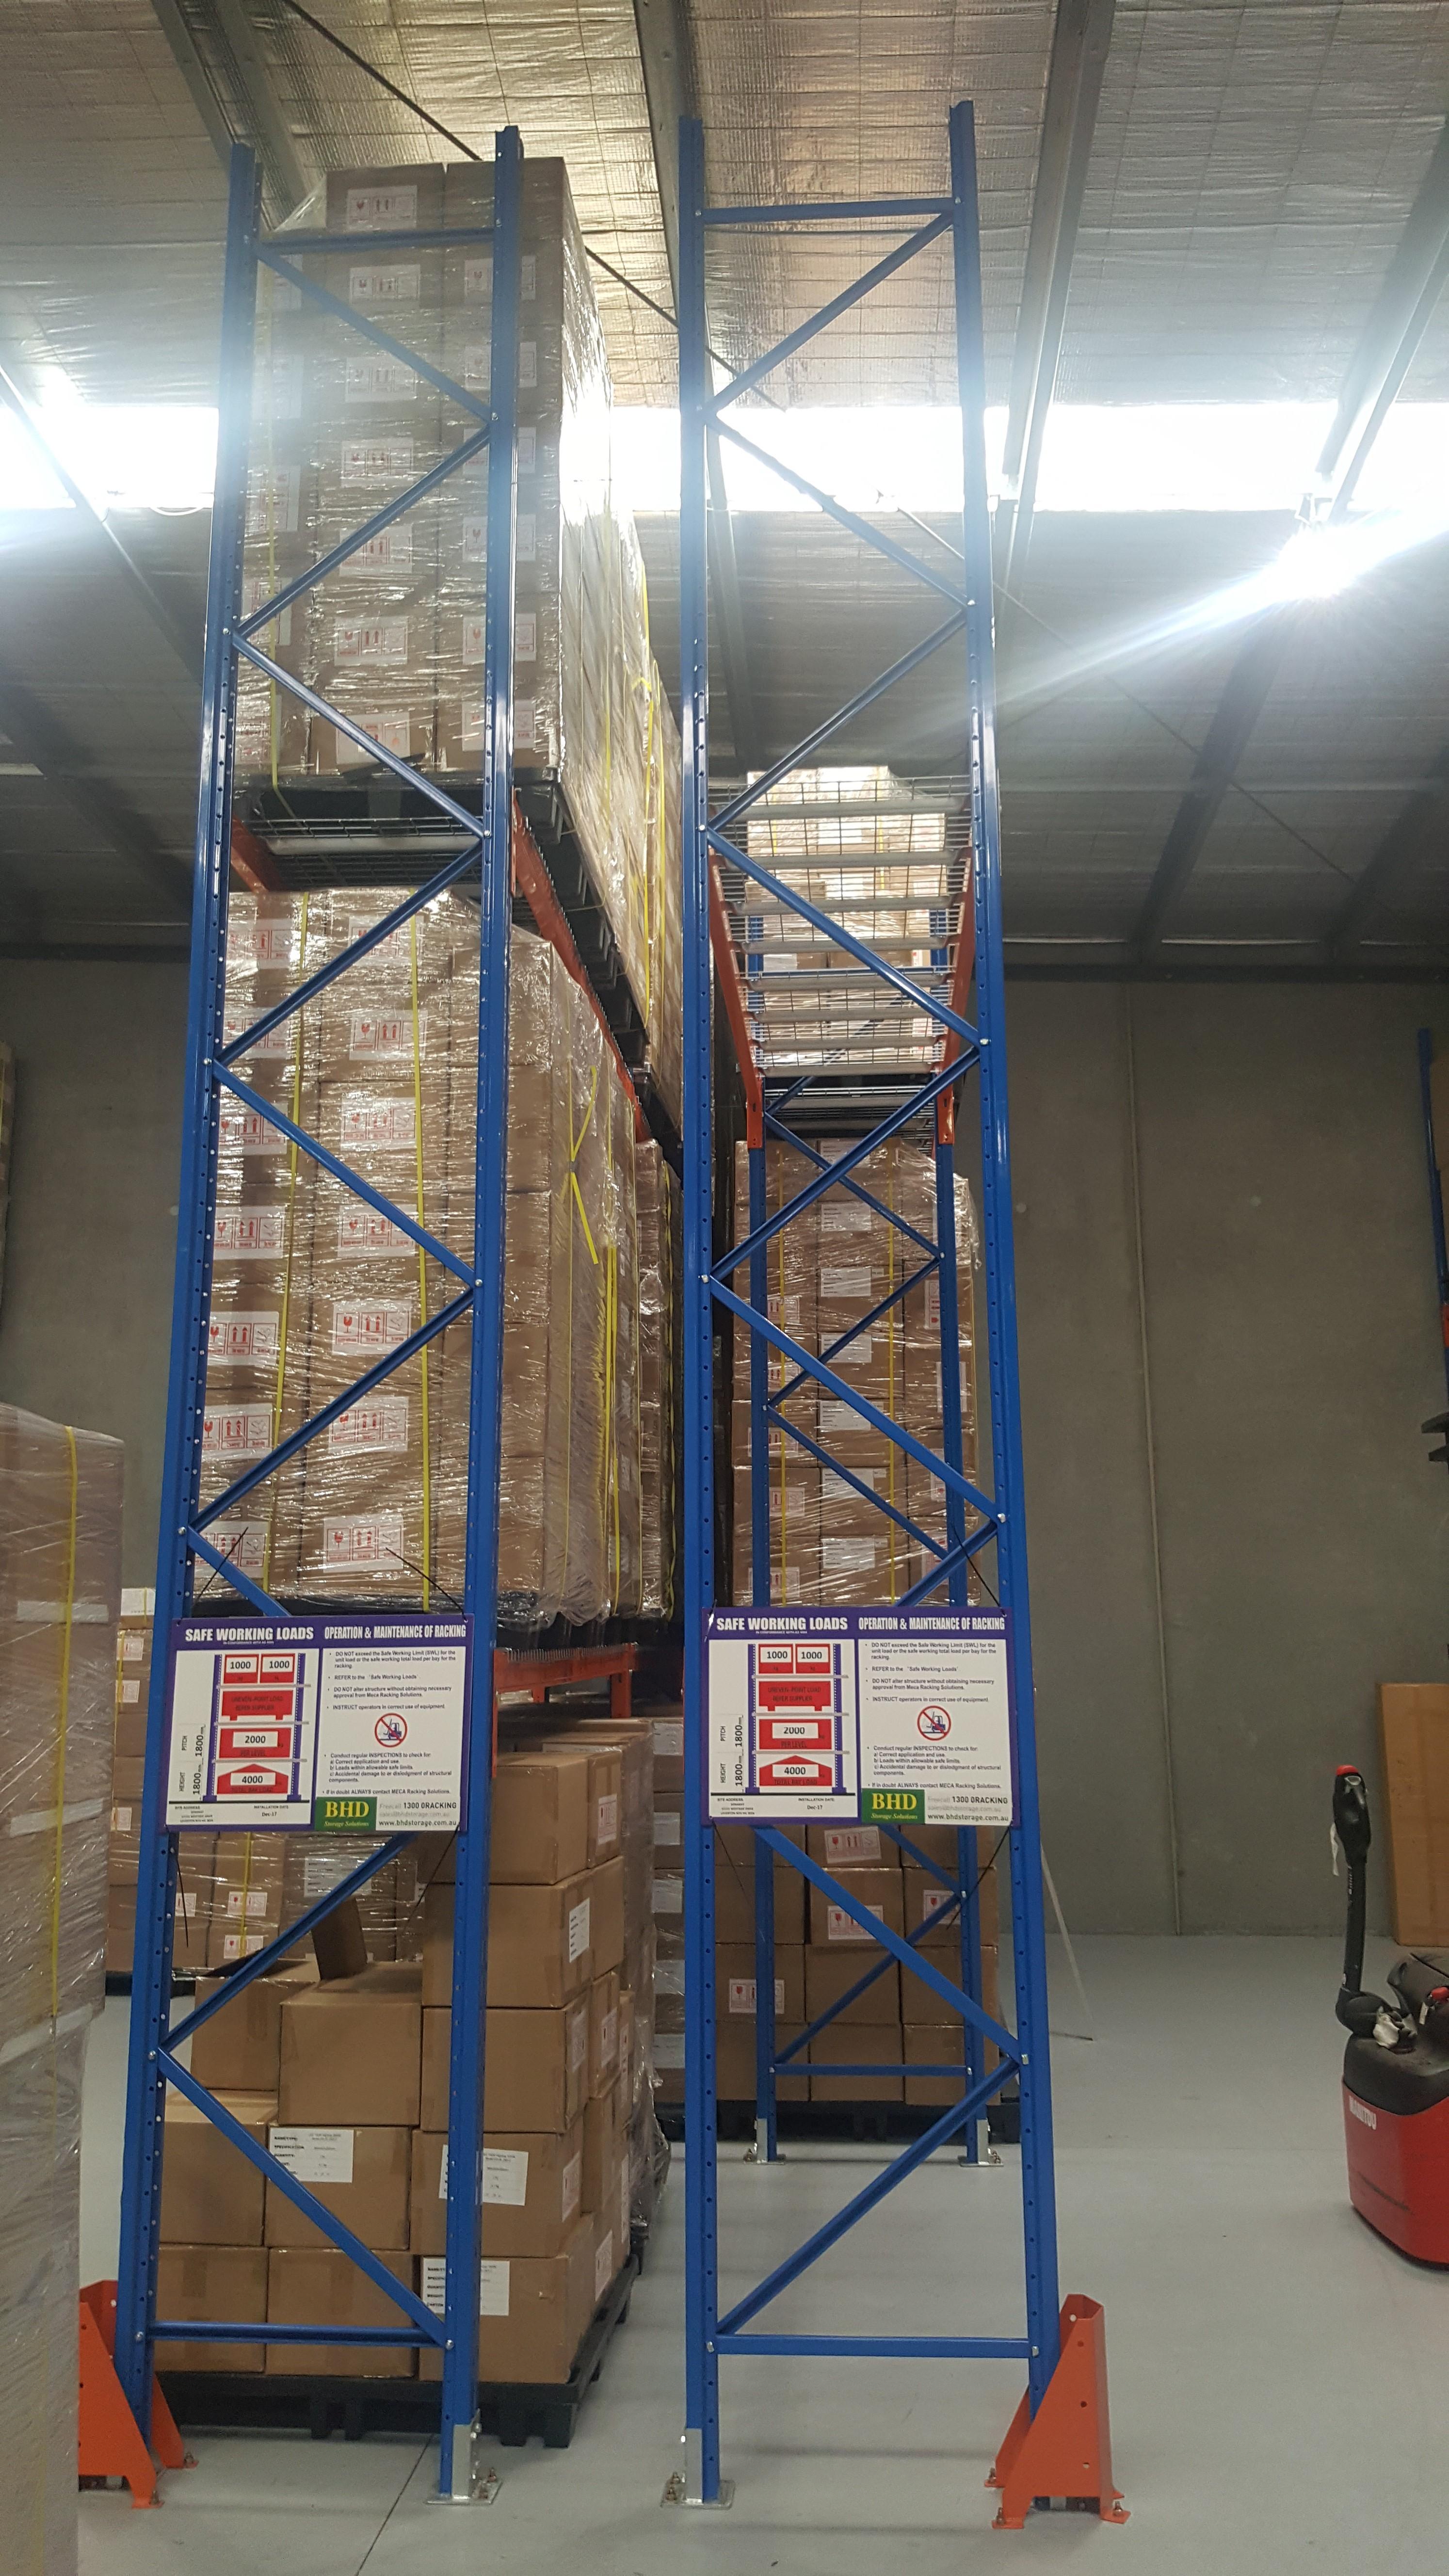 Two Blue goods shelves full of goods